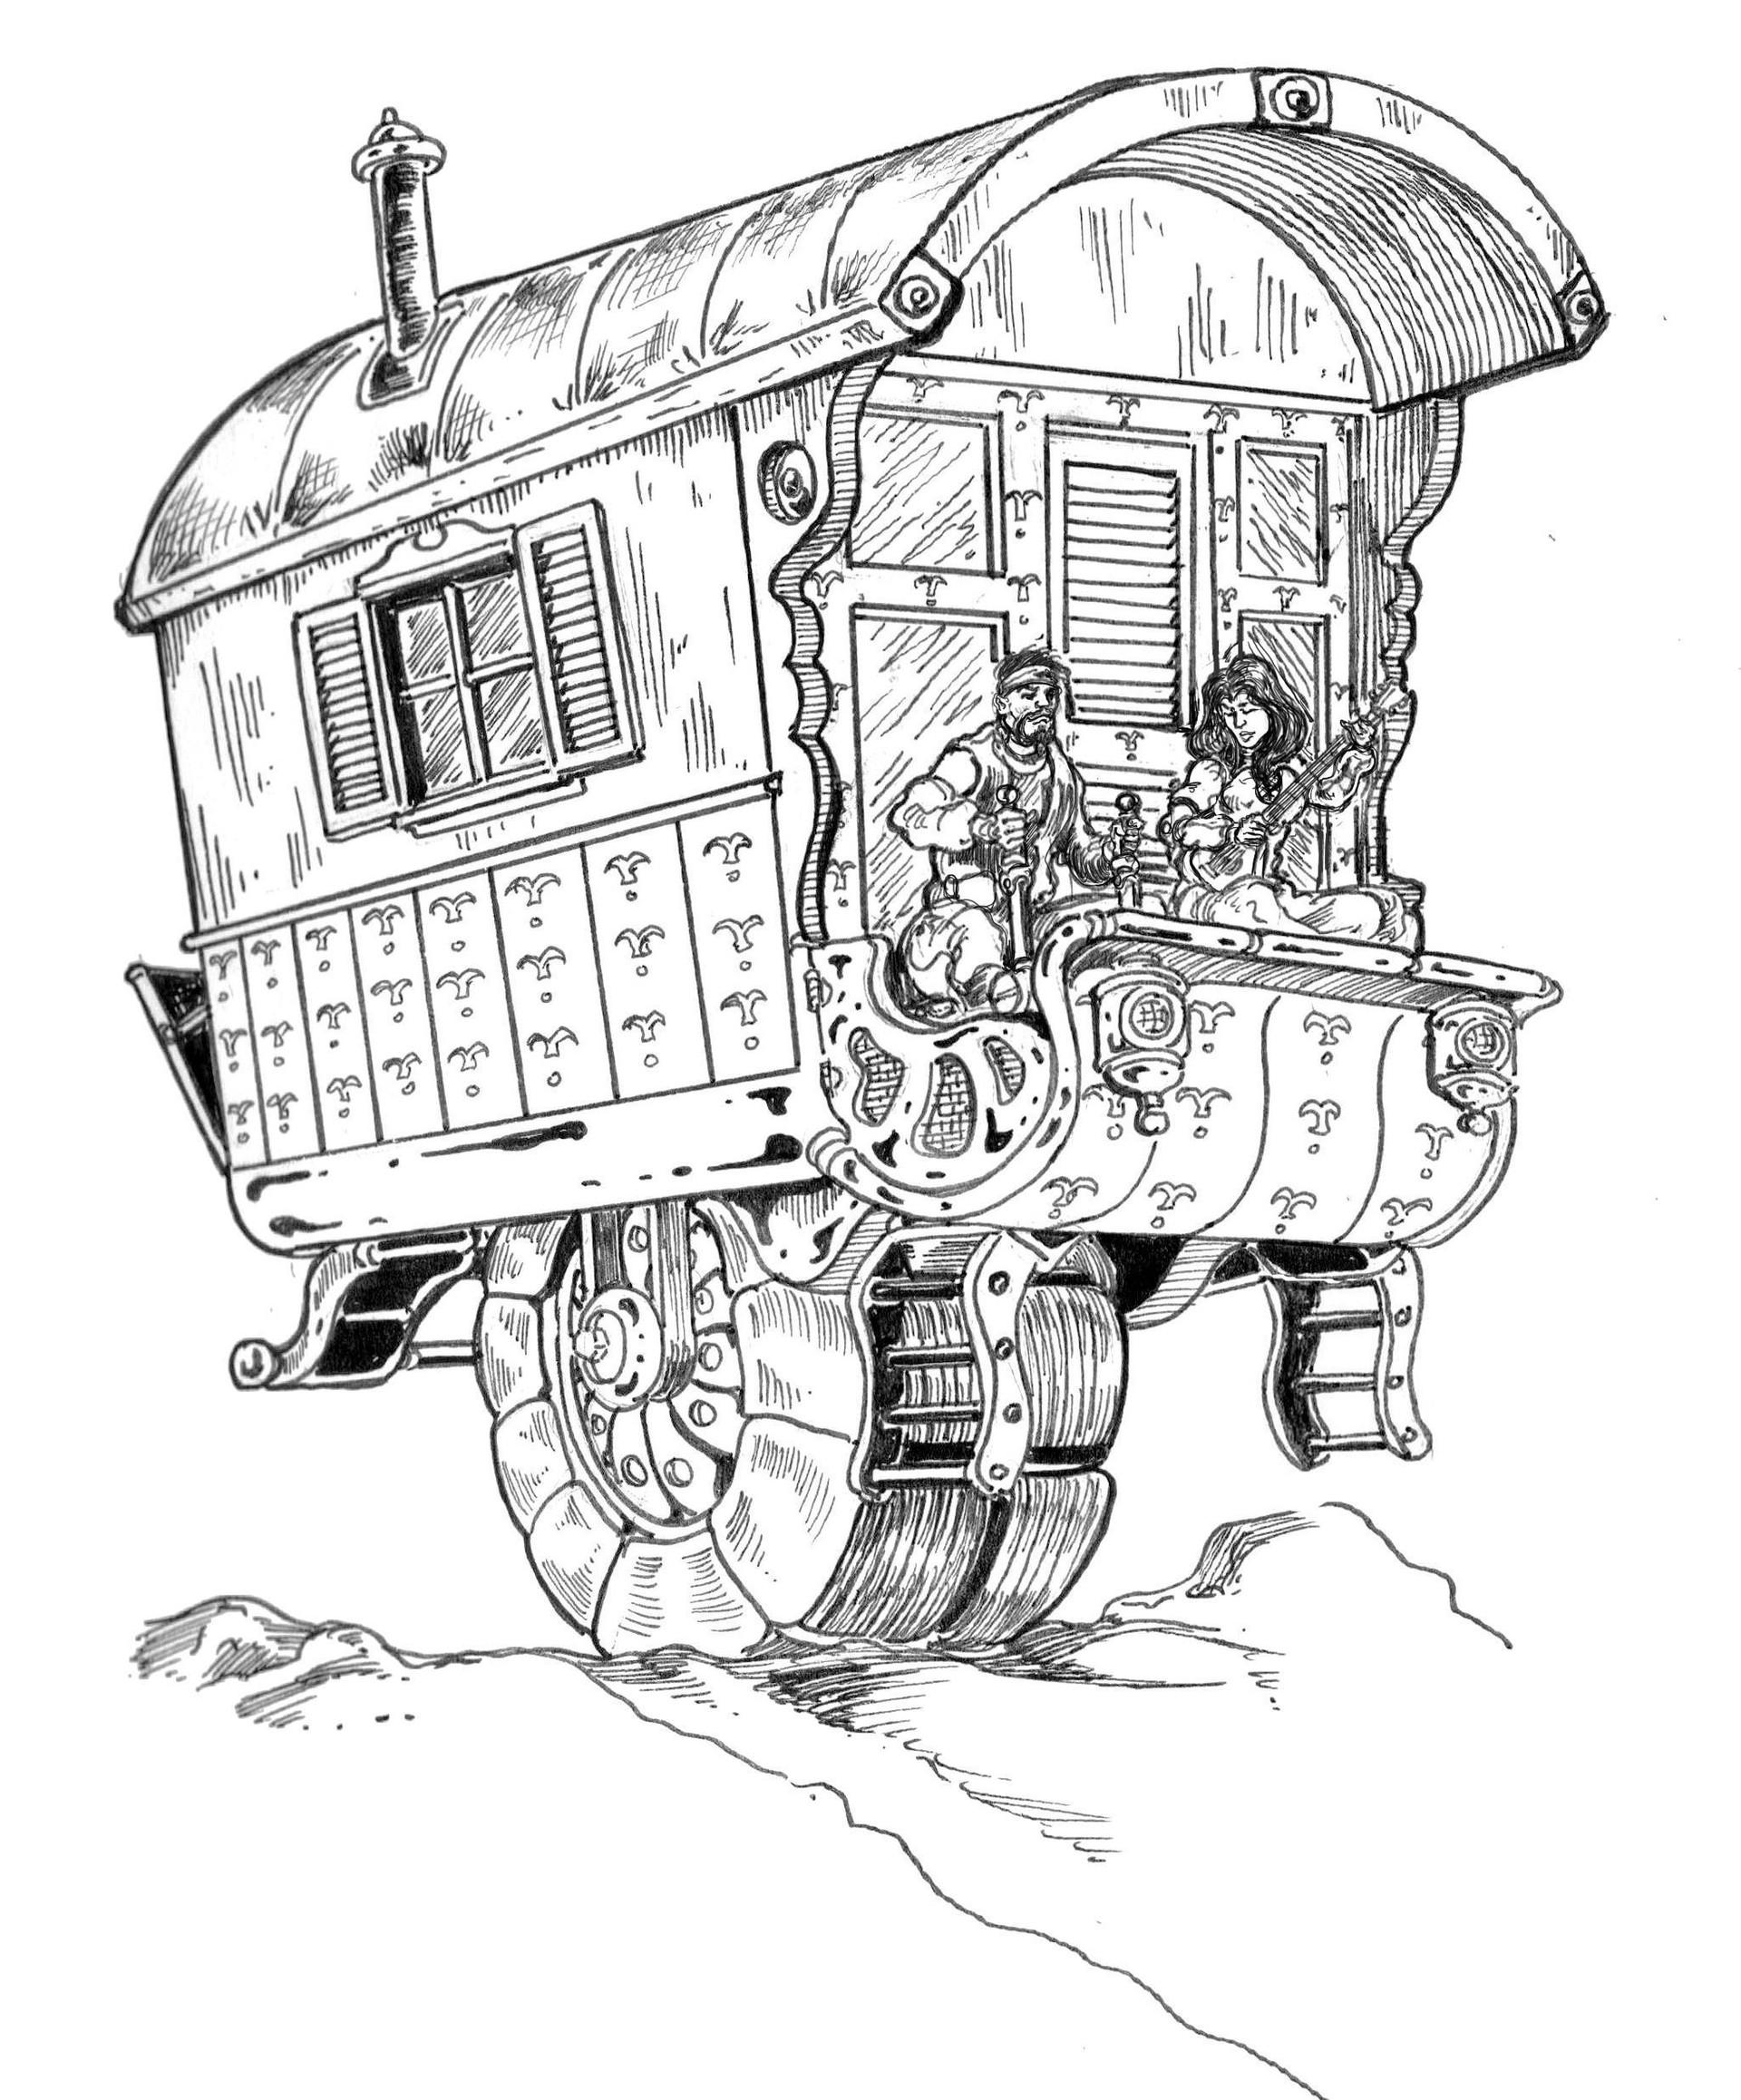 Vincent bryant 12 gypsy wagon